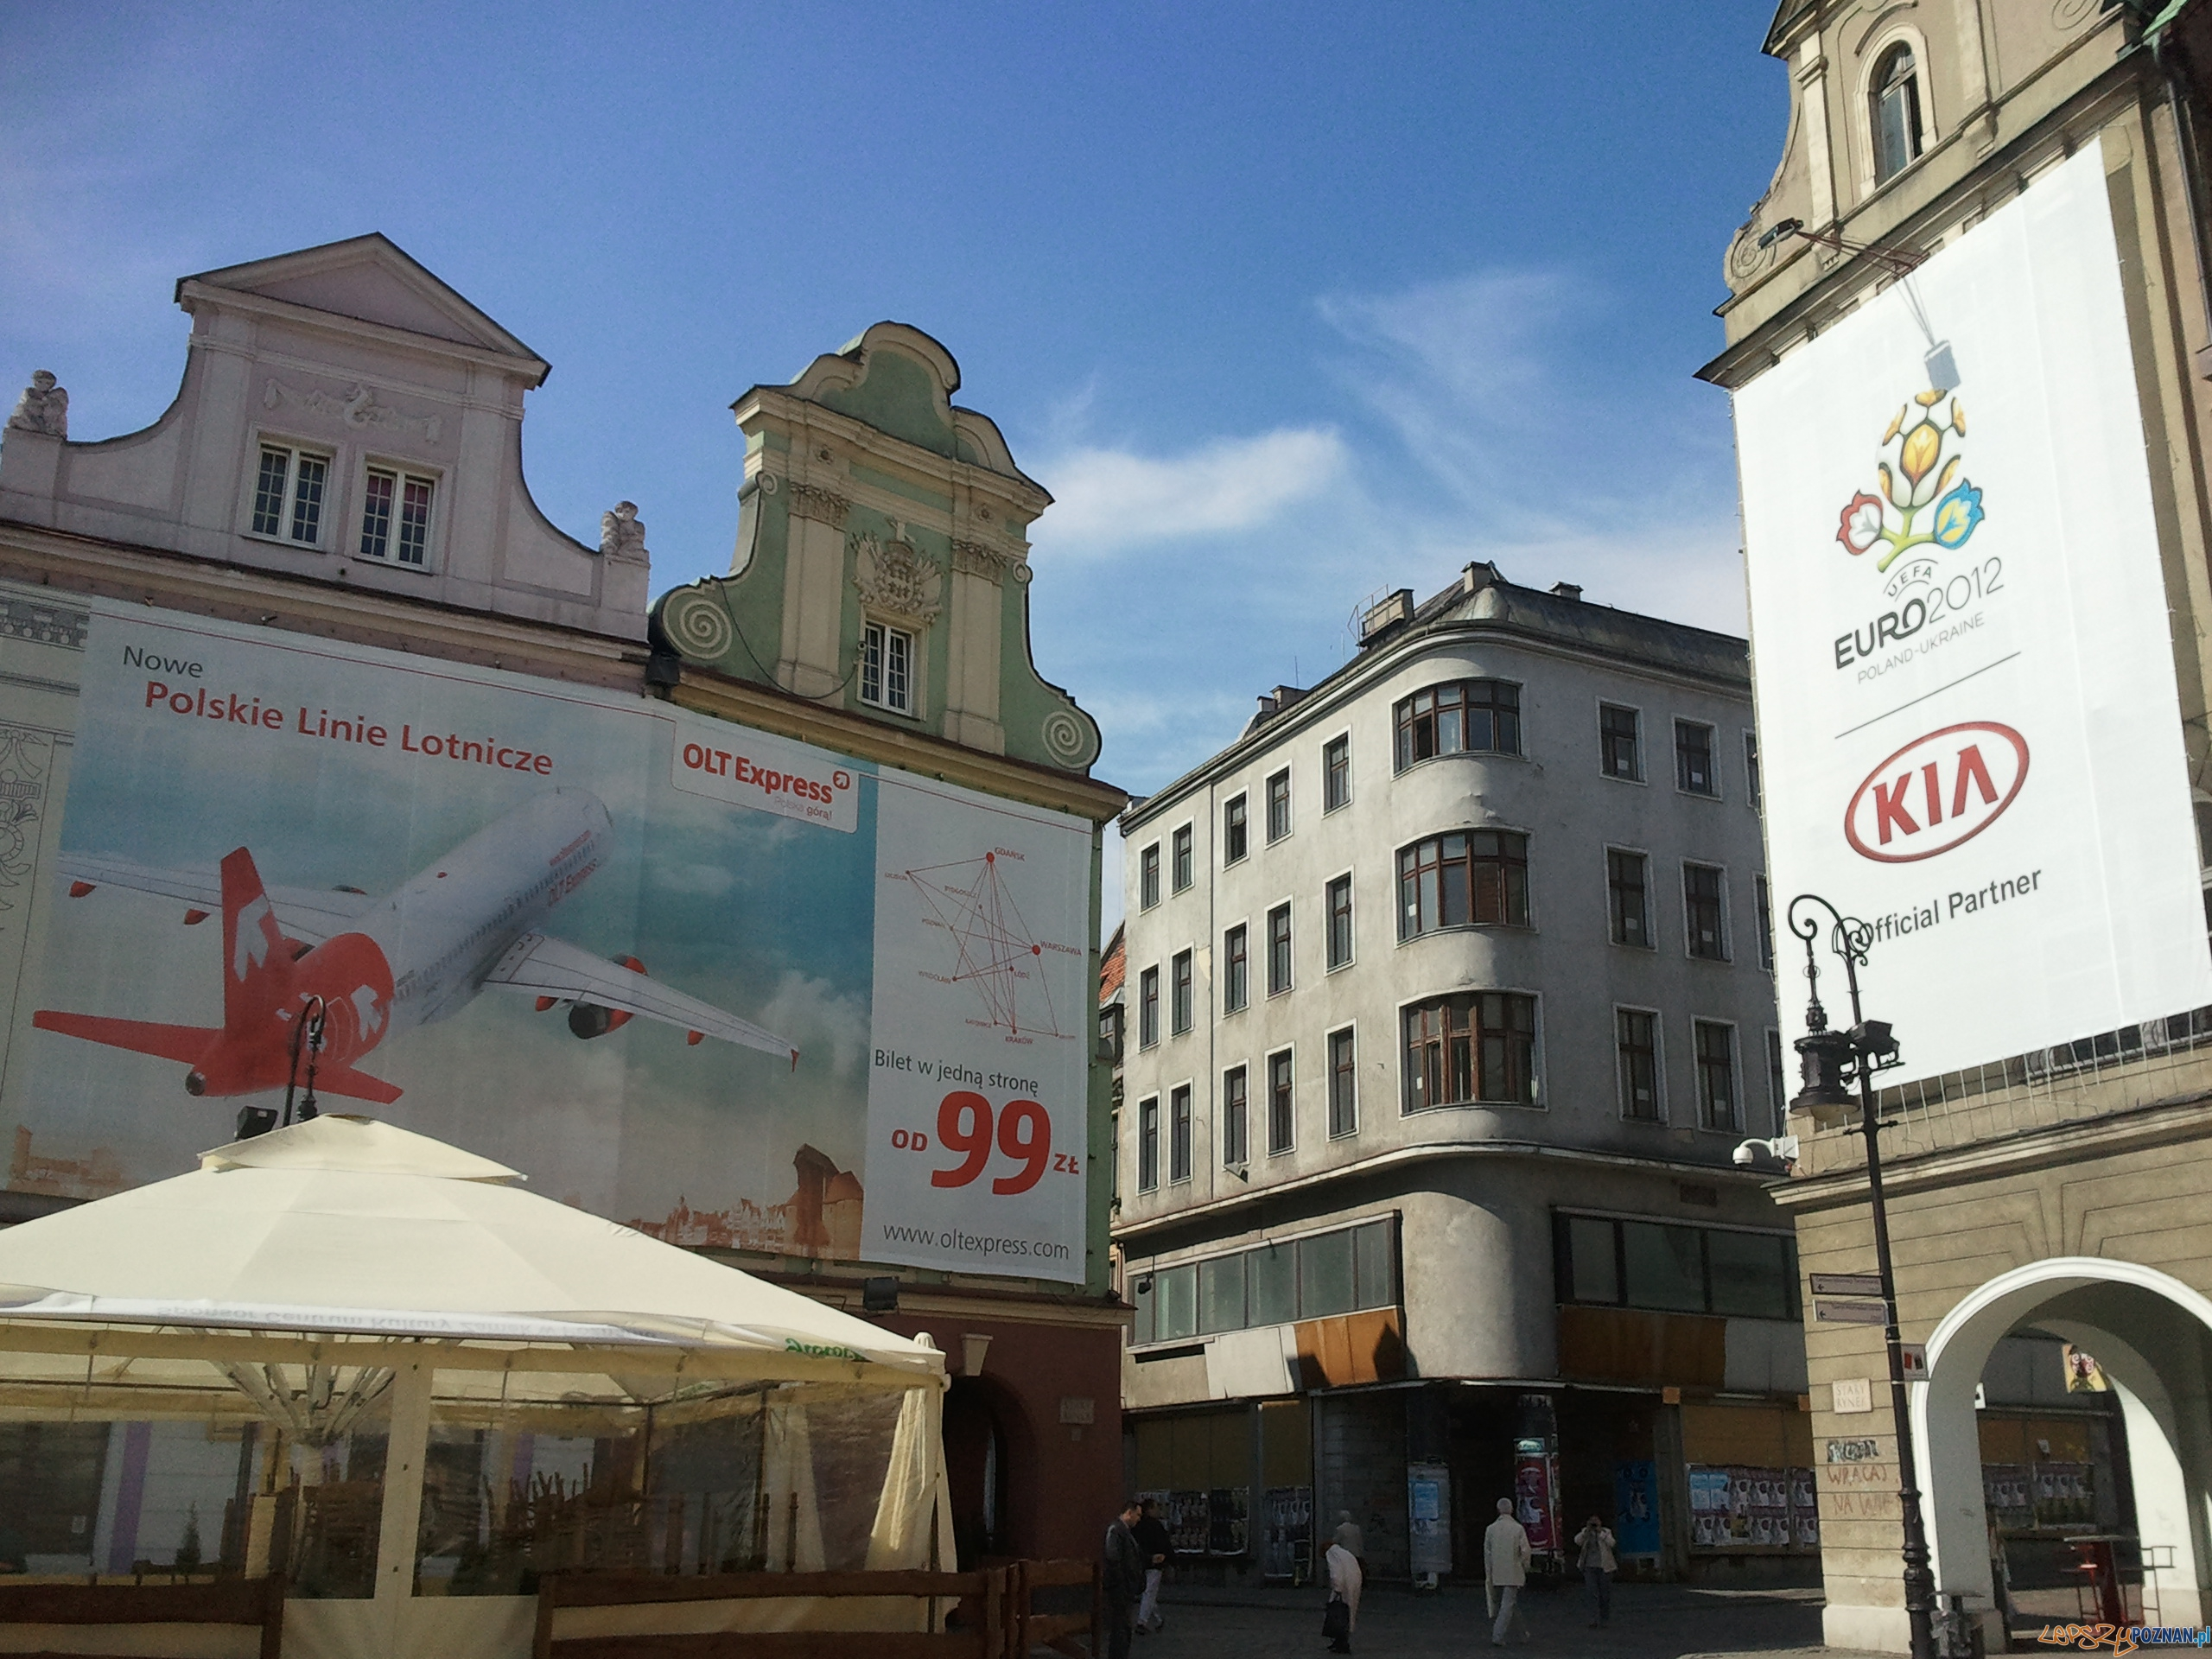 Wielkoformatowe reklamy na Starym Rynku  Foto: lepszyPOZNAN/gsm